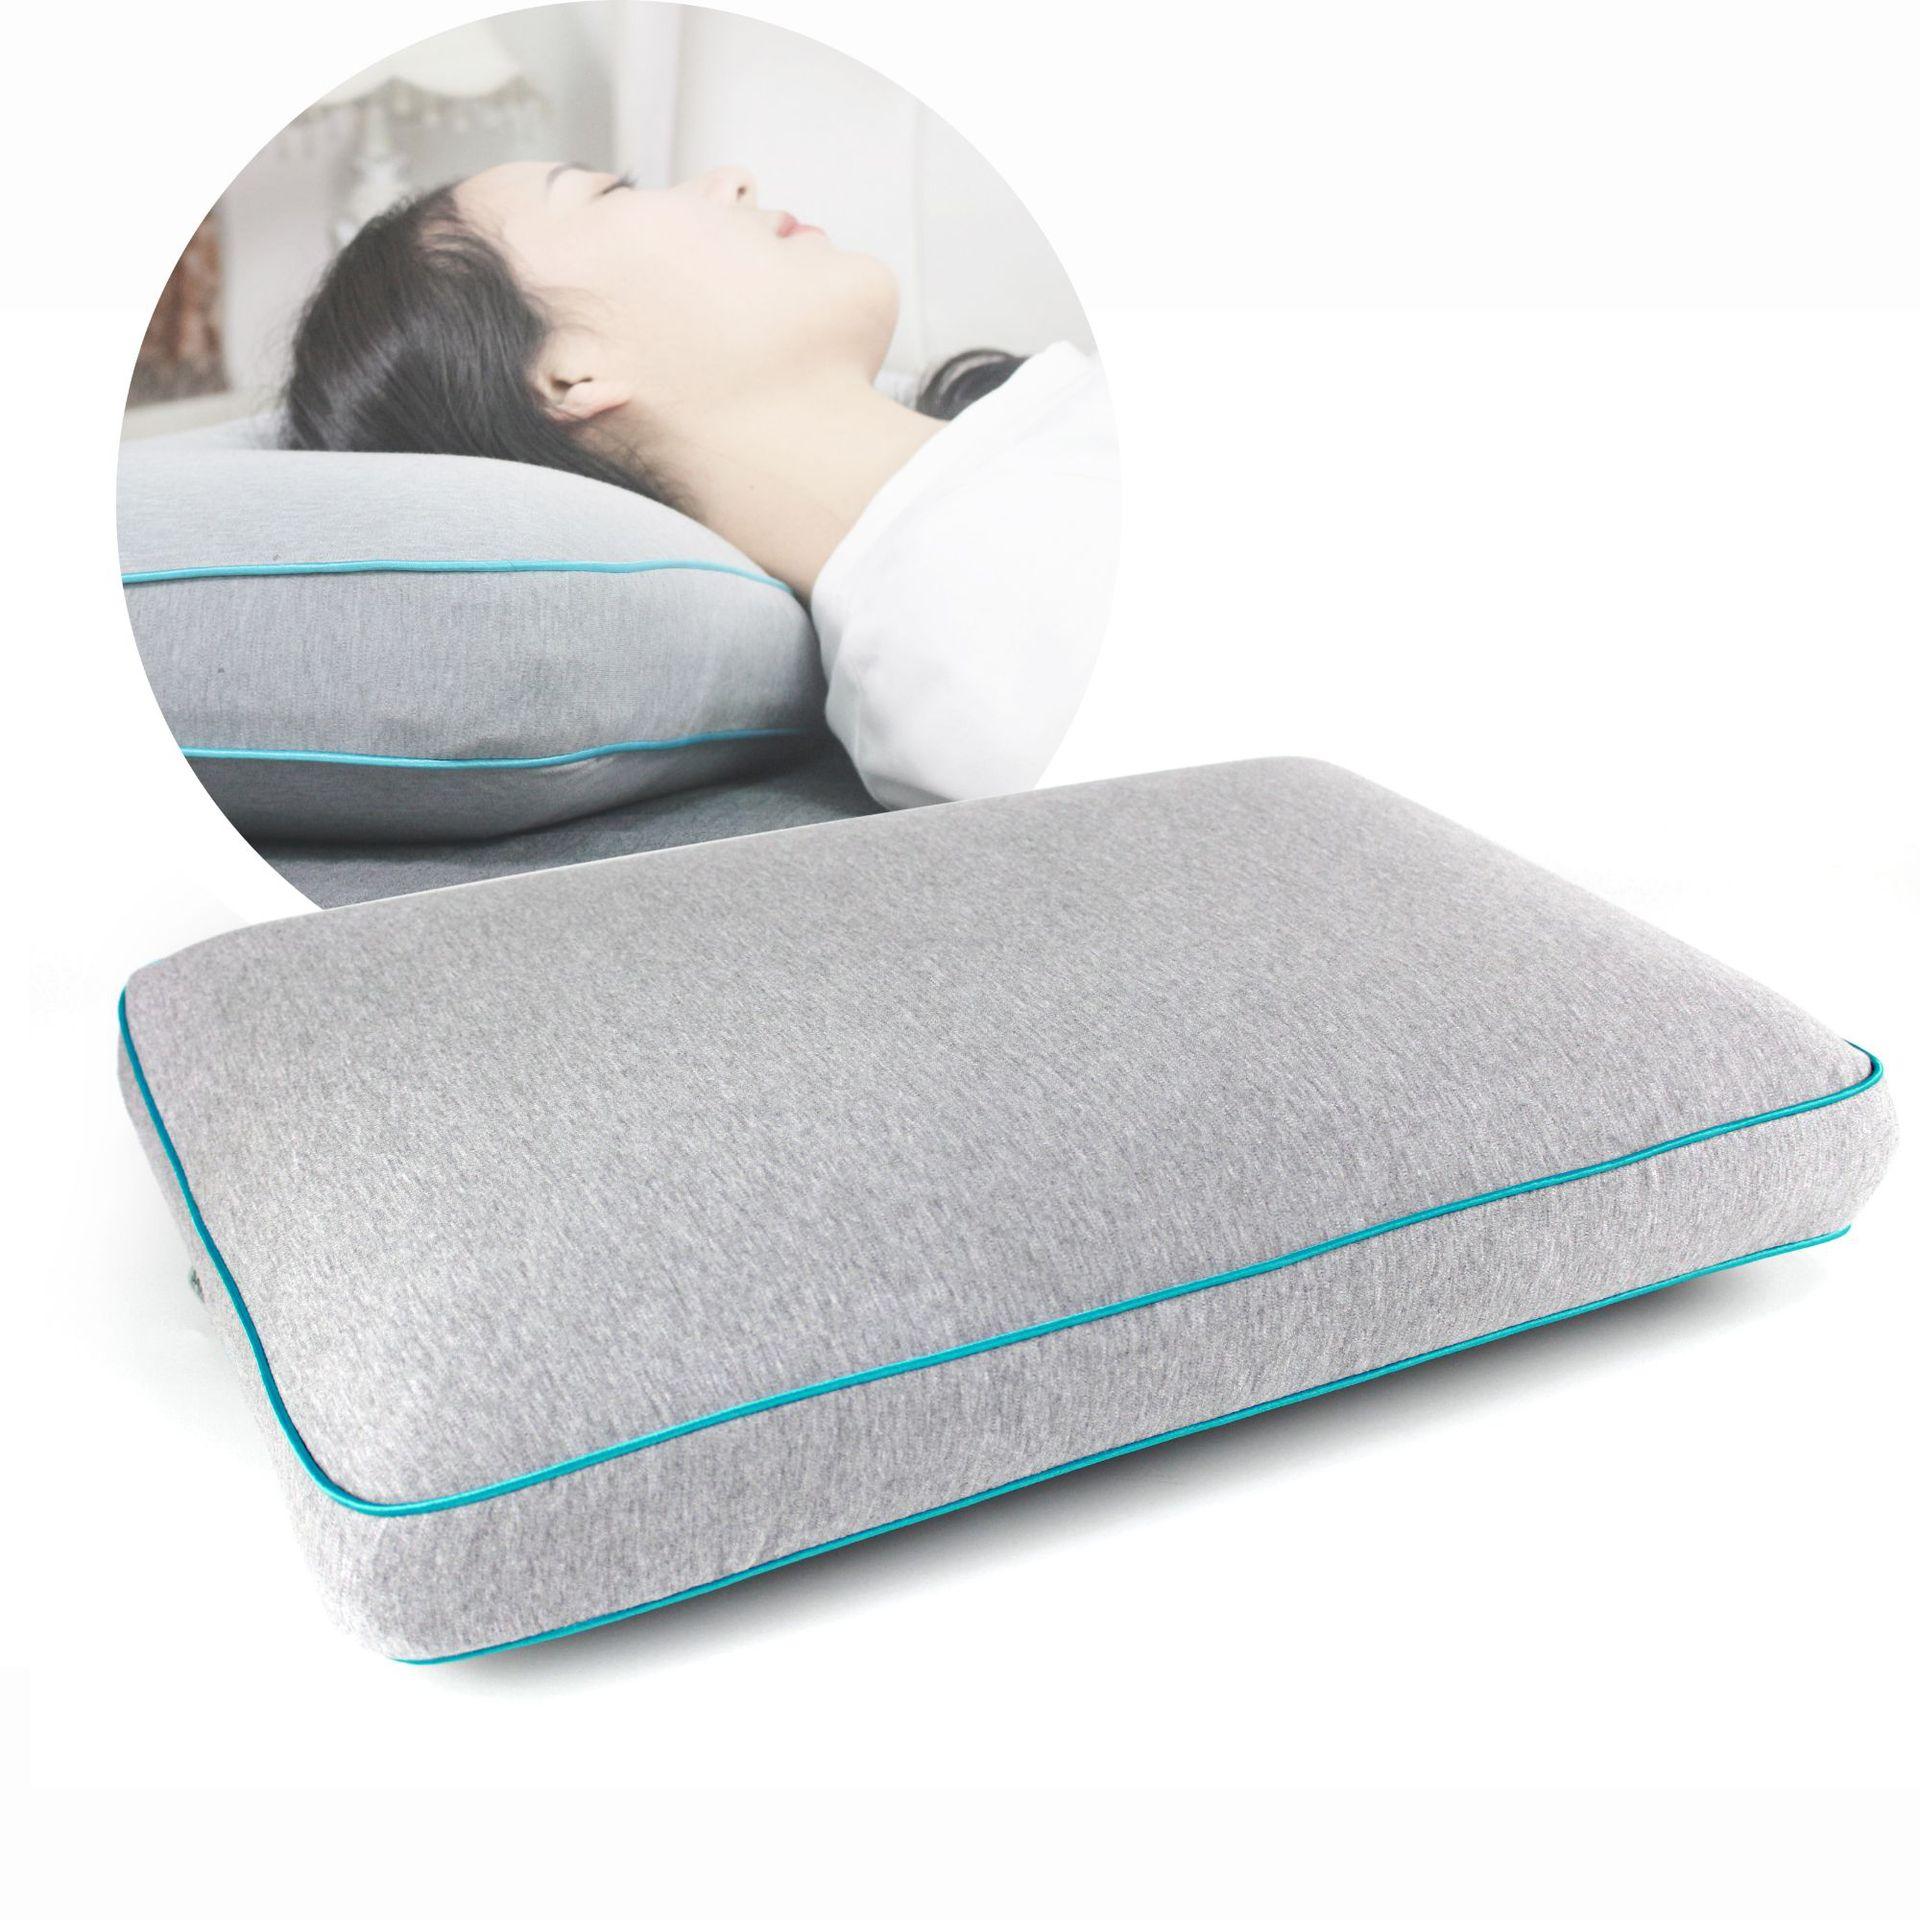 60x40x12cm conception ergonomique de haute qualité tissu Gel oreiller en mousse à mémoire de forme réduire la Protection de la douleur l'oreiller de literie de la colonne vertébrale cervicale